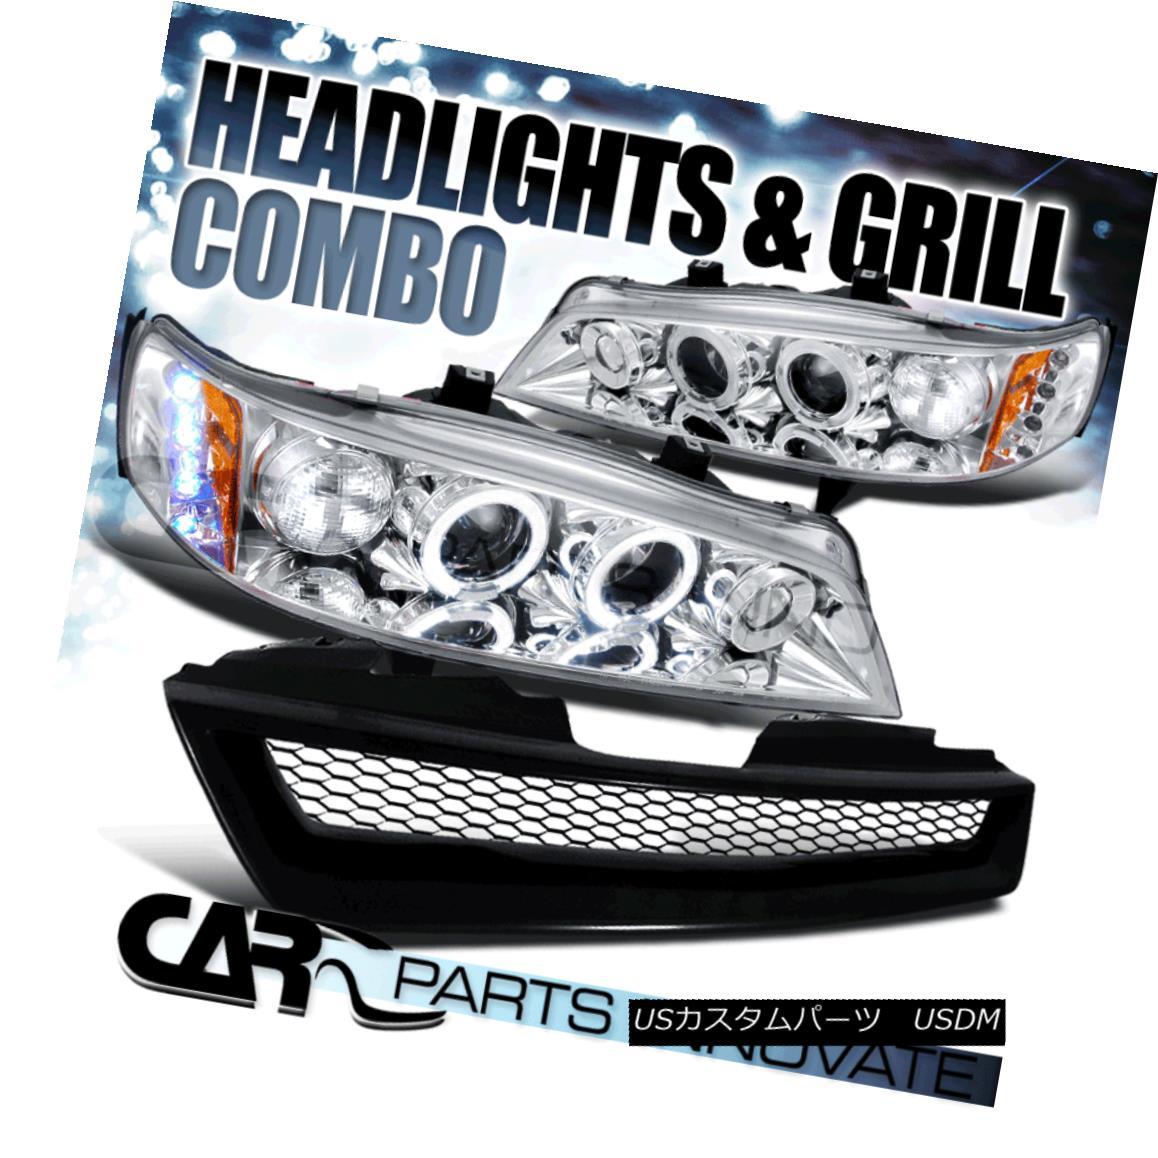 グリル For 94-97 Accord 2/4Dr Chrome Halo Projector Headlights w/ Mesh Hood Grille メッシュフードグリル付き94-97 Accord 2 / 4Drクロームハロープロジェクターヘッドライト用